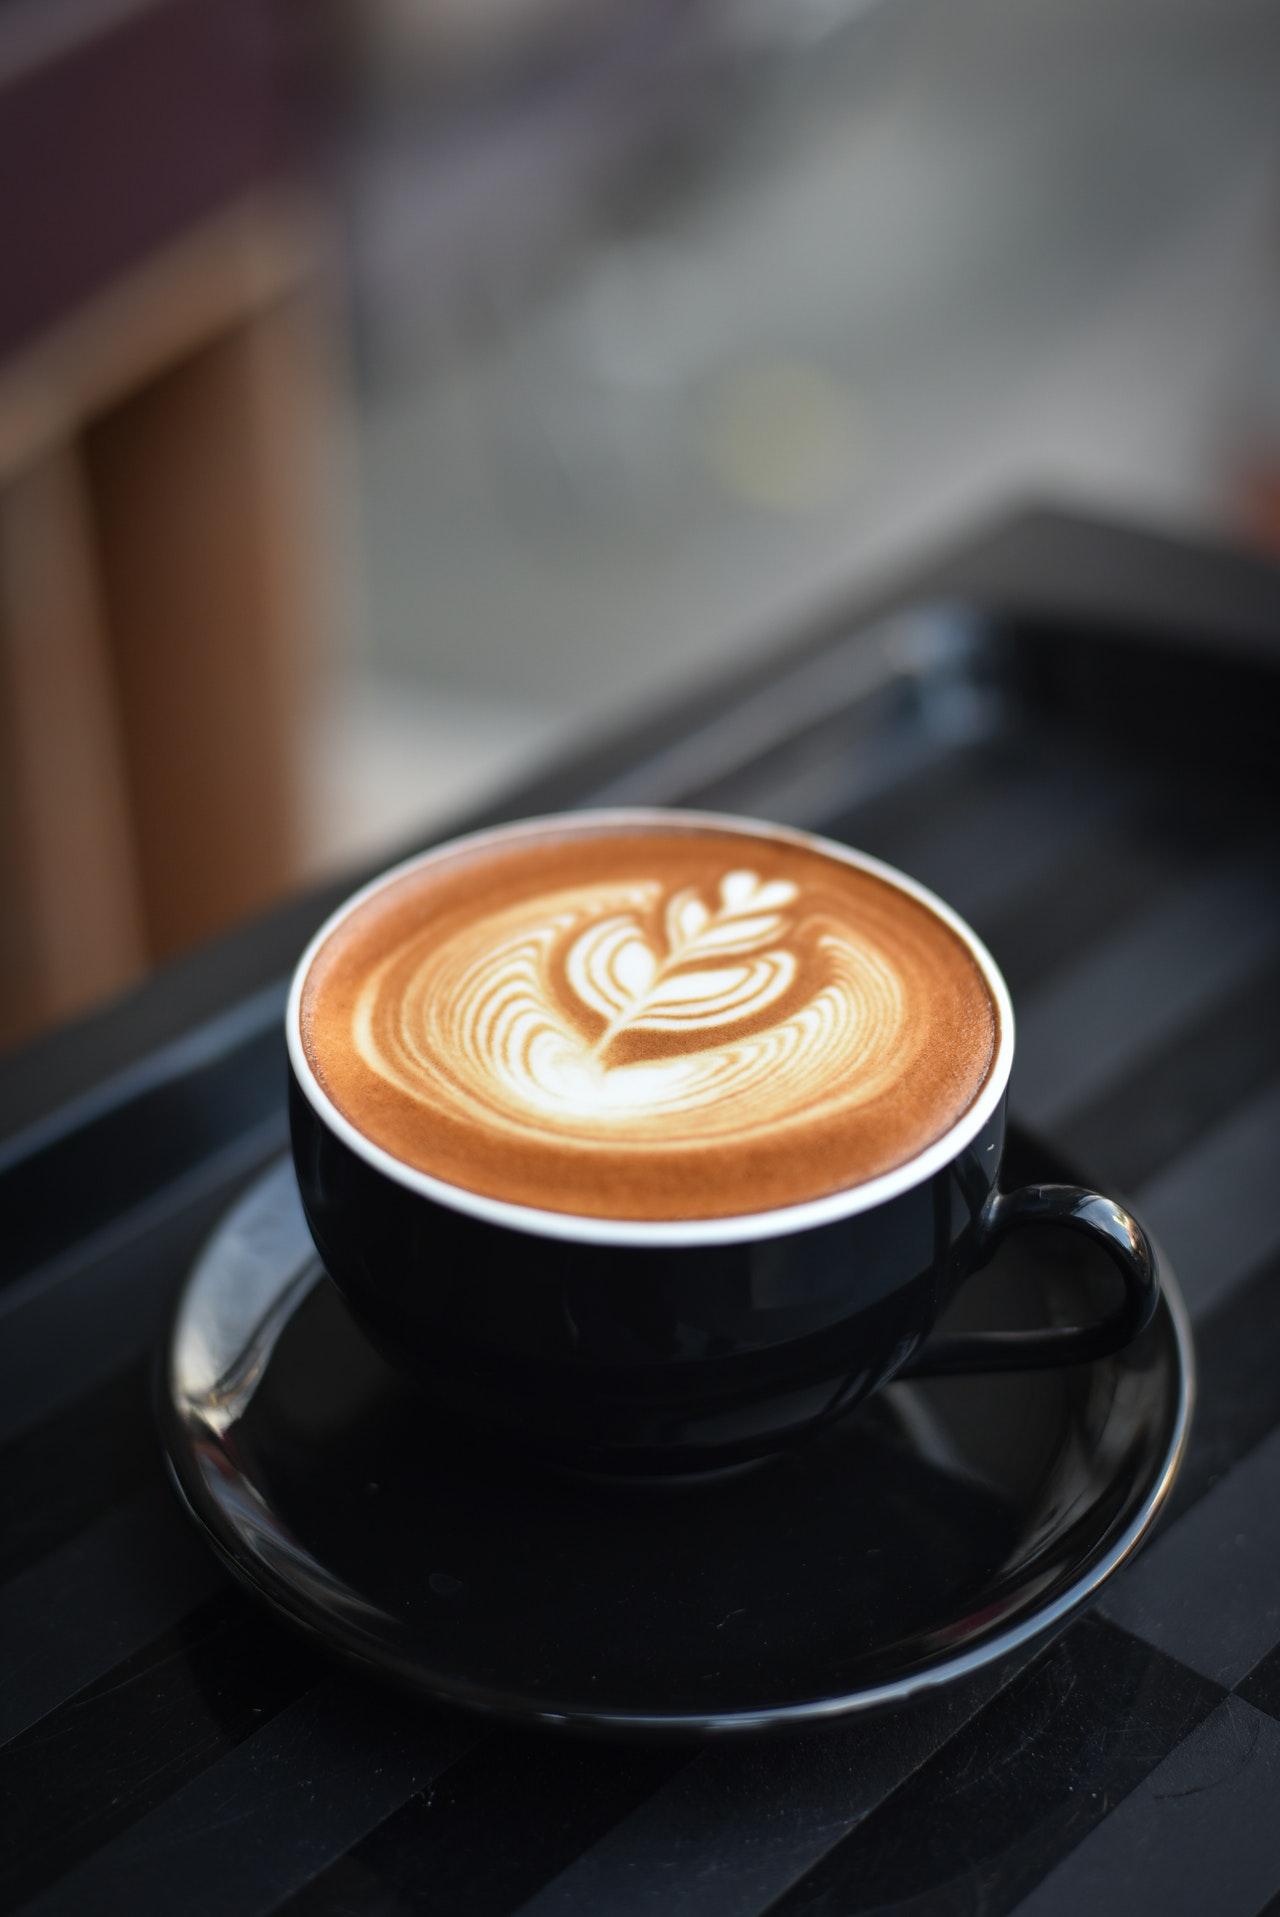 E zjatteke kaffe